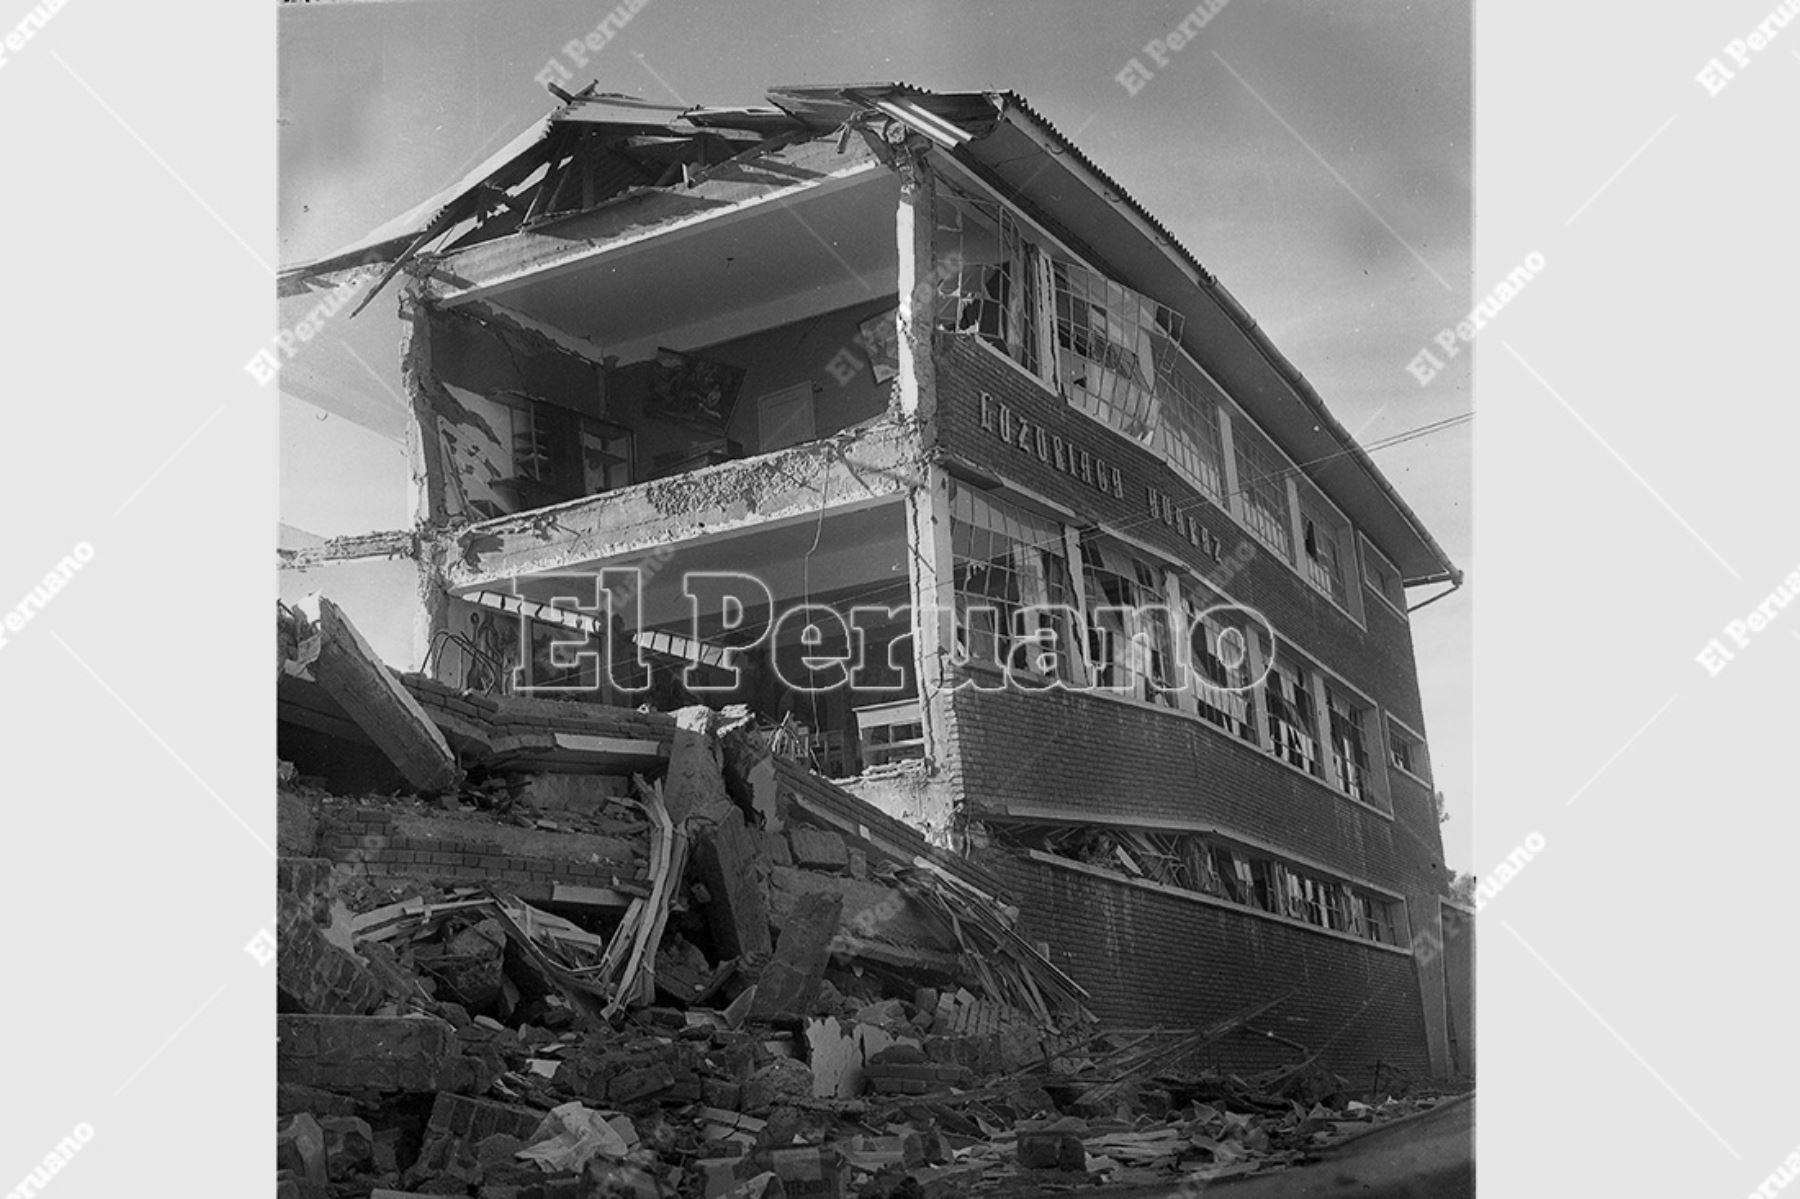 Ancash - 1 junio 1970 / Terremoto de Yungay 1970. Colegio Luzuriaga de Huaraz destruido por el sismo.  Foto: Archivo Histórico de El Peruano